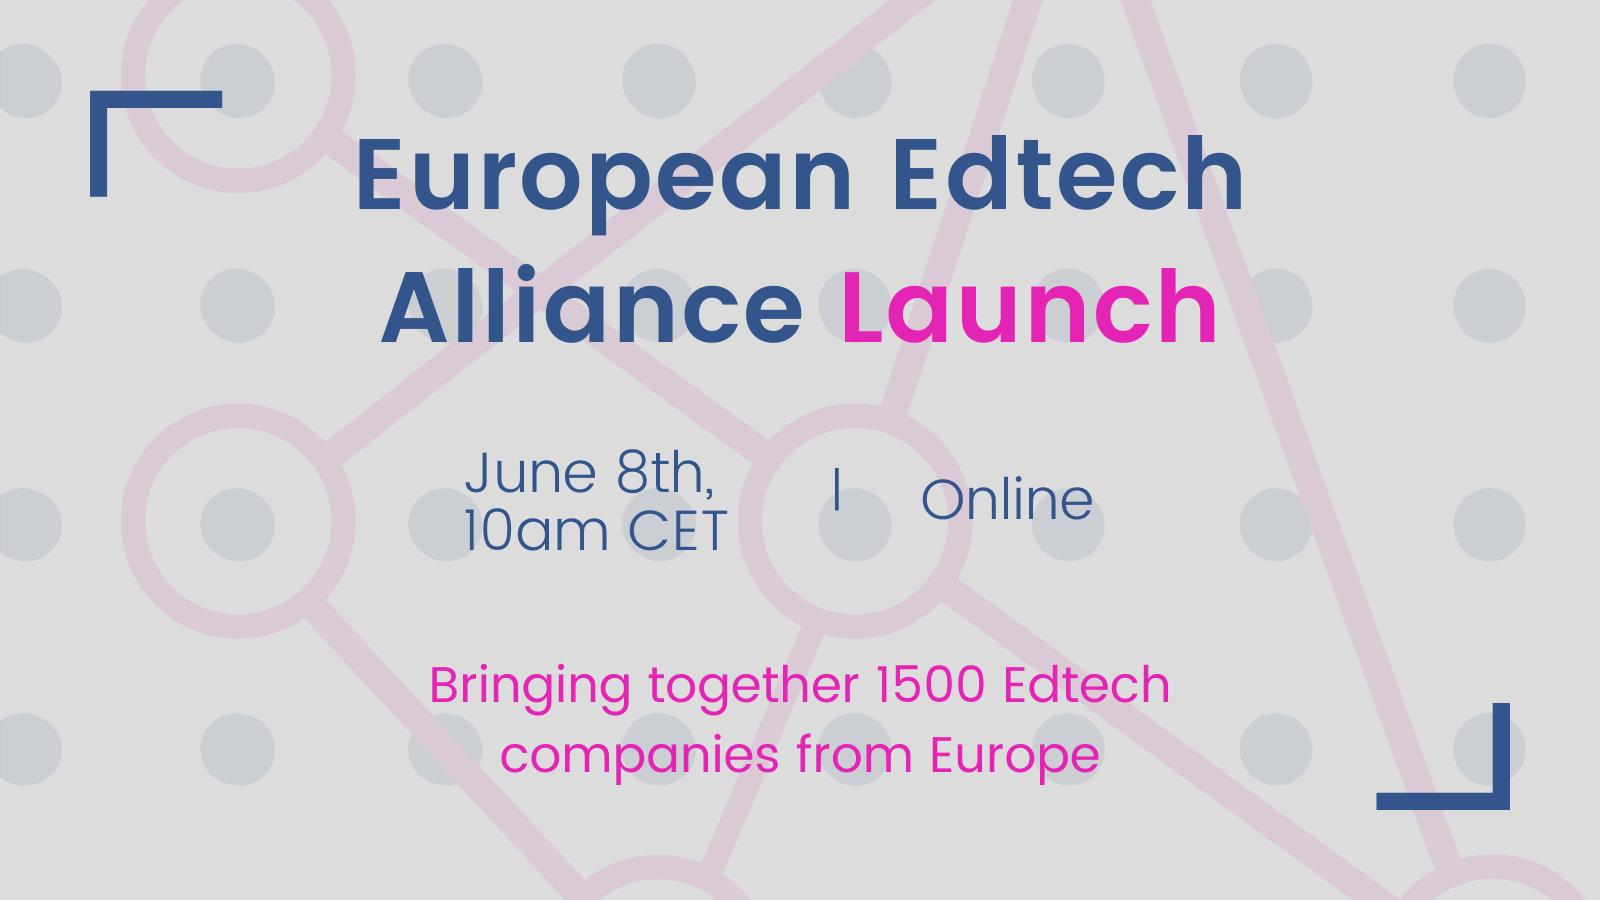 Europejski sojusz Edtech reprezentujący 1500 firm EdTech, zostanie uruchomiony 8 czerwca 2021 r.